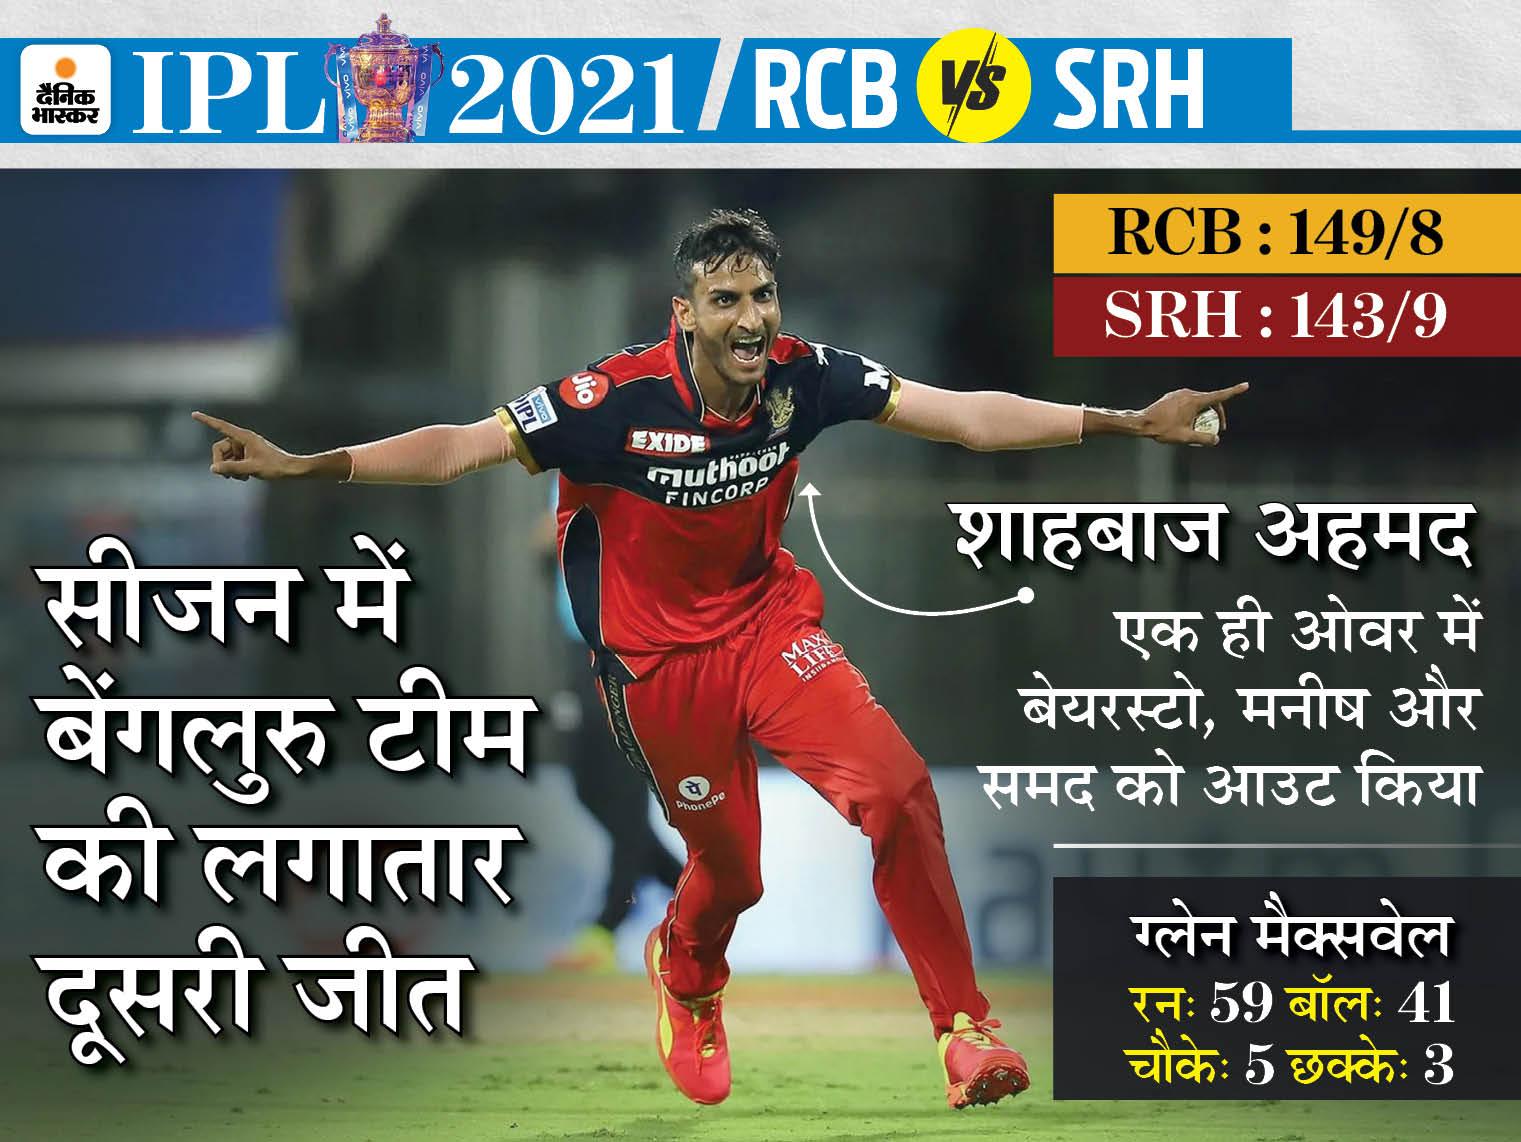 बेंगलुरु के शाहबाज ने 17वें ओवर में 3 विकेट लेकर मैच पलटा; हैदराबाद ने आखिरी चार ओवर में 28 रन पर 7 विकेट गंवाए|IPL 2021,IPL 2021 - Dainik Bhaskar